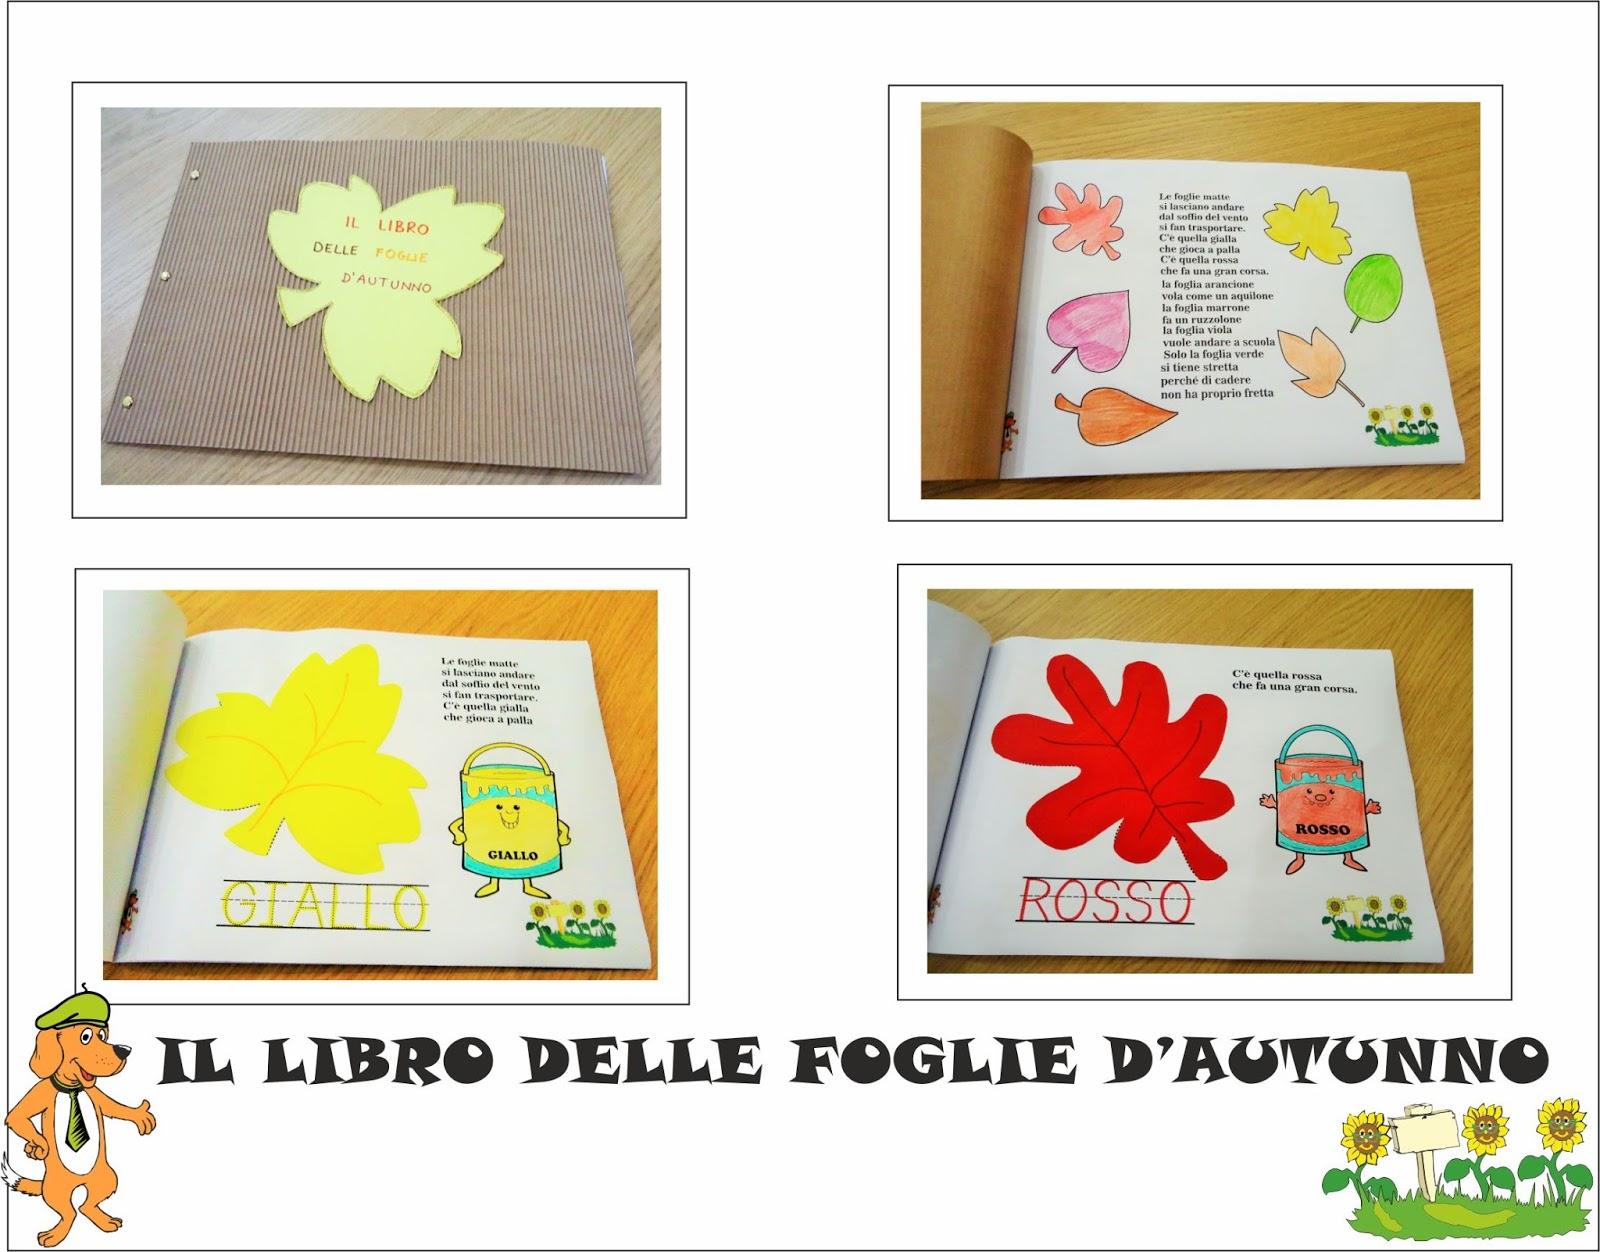 Conosciuto A Scuola con Poldo: Il libro delle foglie d'autunno TE33